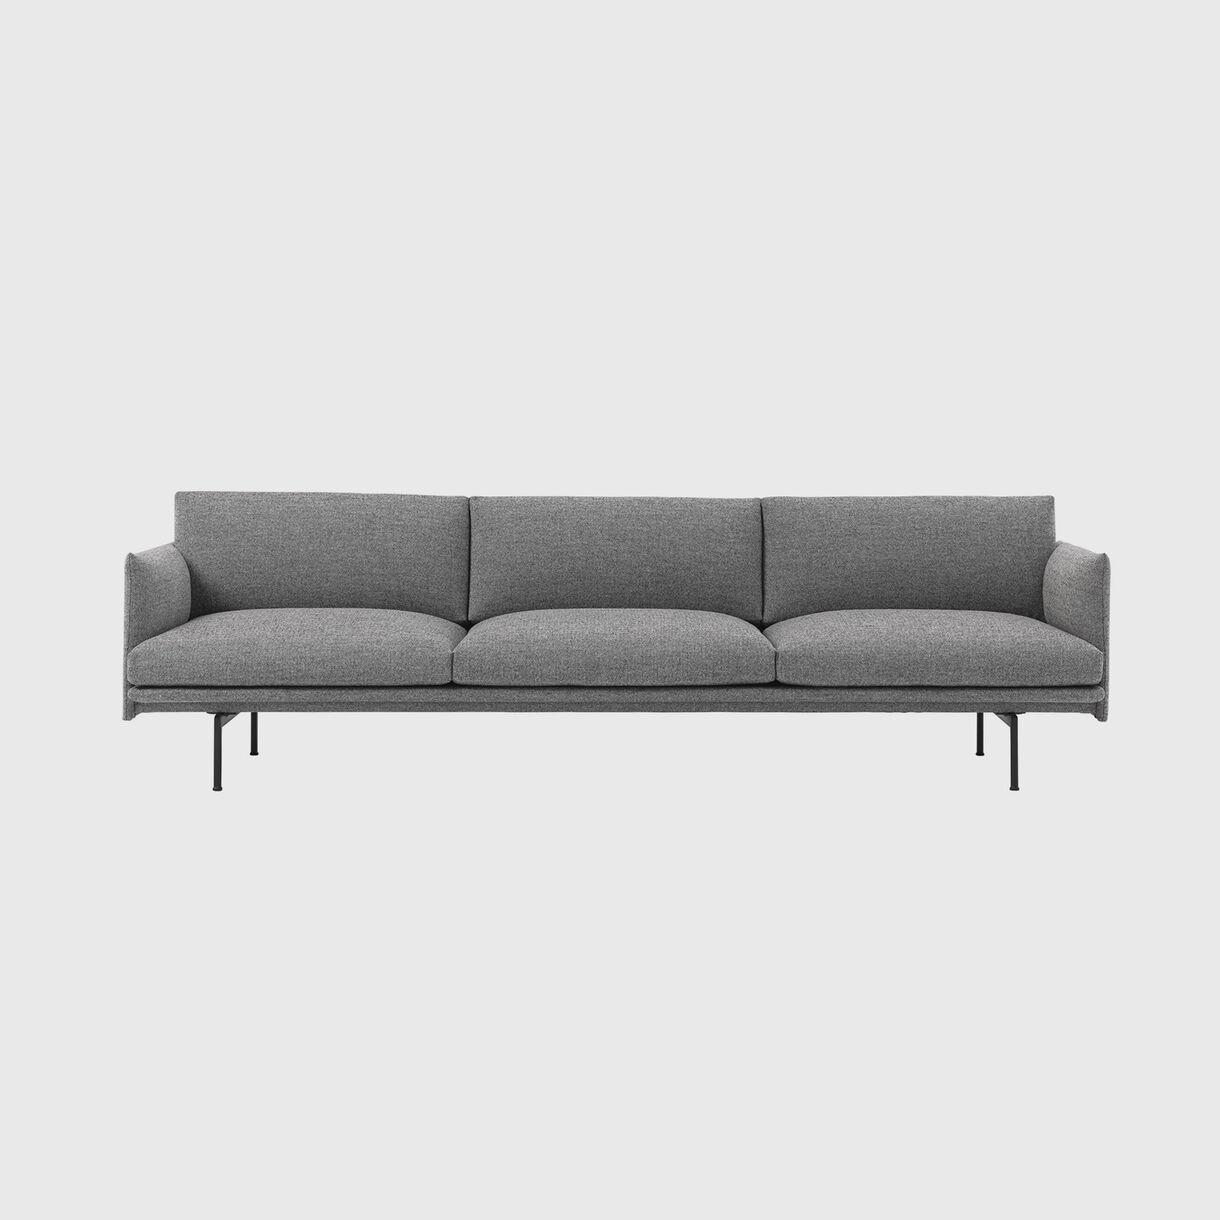 Outline 3.5 Seater Sofa, Hallingdal 166 & Black Base